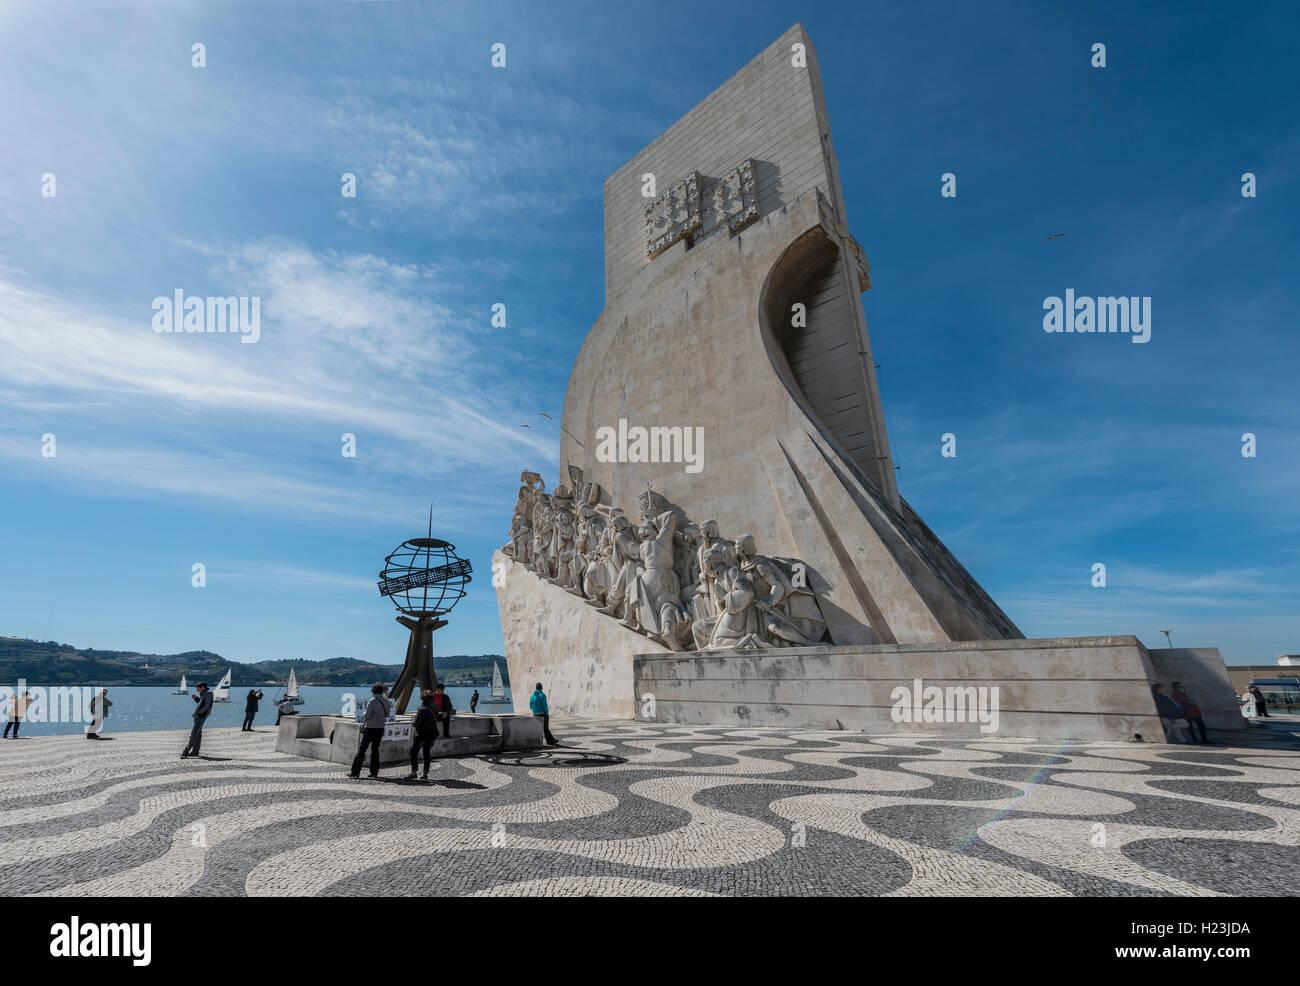 Padrão dos Descobrimentos, das Denkmal der Entdeckungen, Belém, Lissabon, Portugal Stockbild